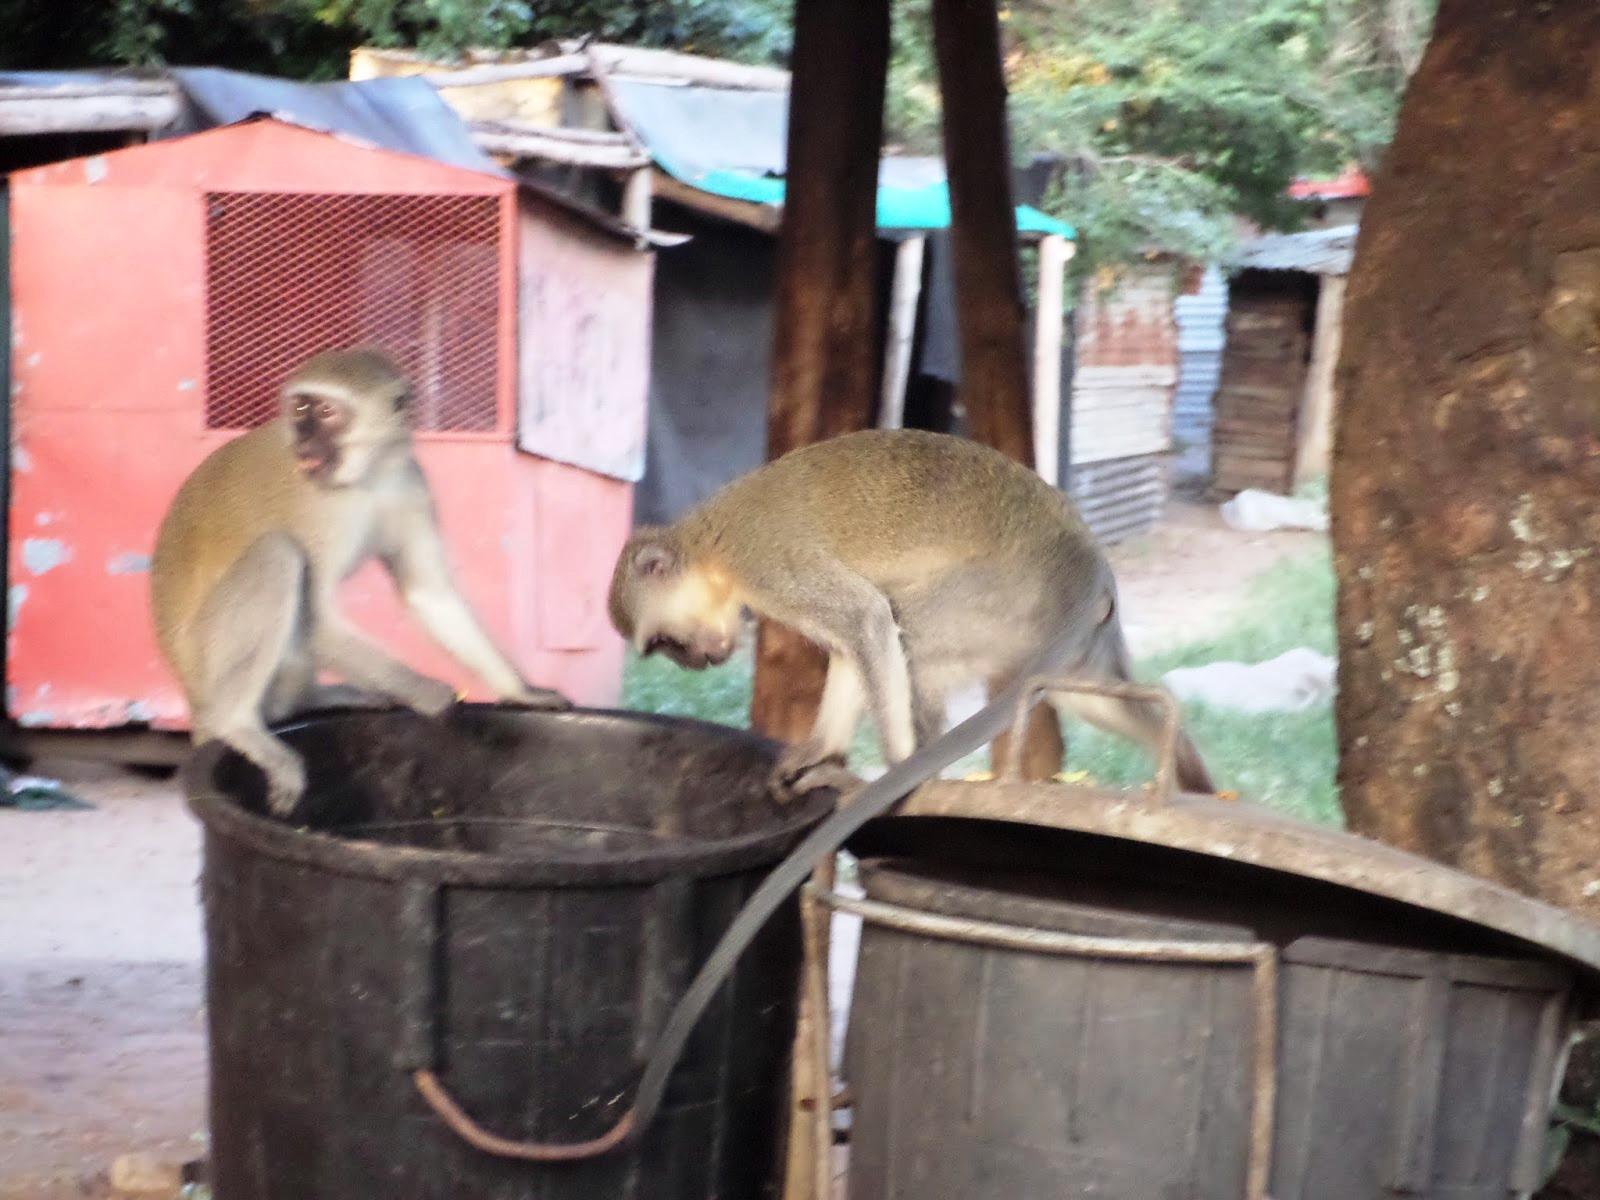 Kukázó majmok Durban egyik bádogvárosrészében (Fotó: Sazbó Ági)